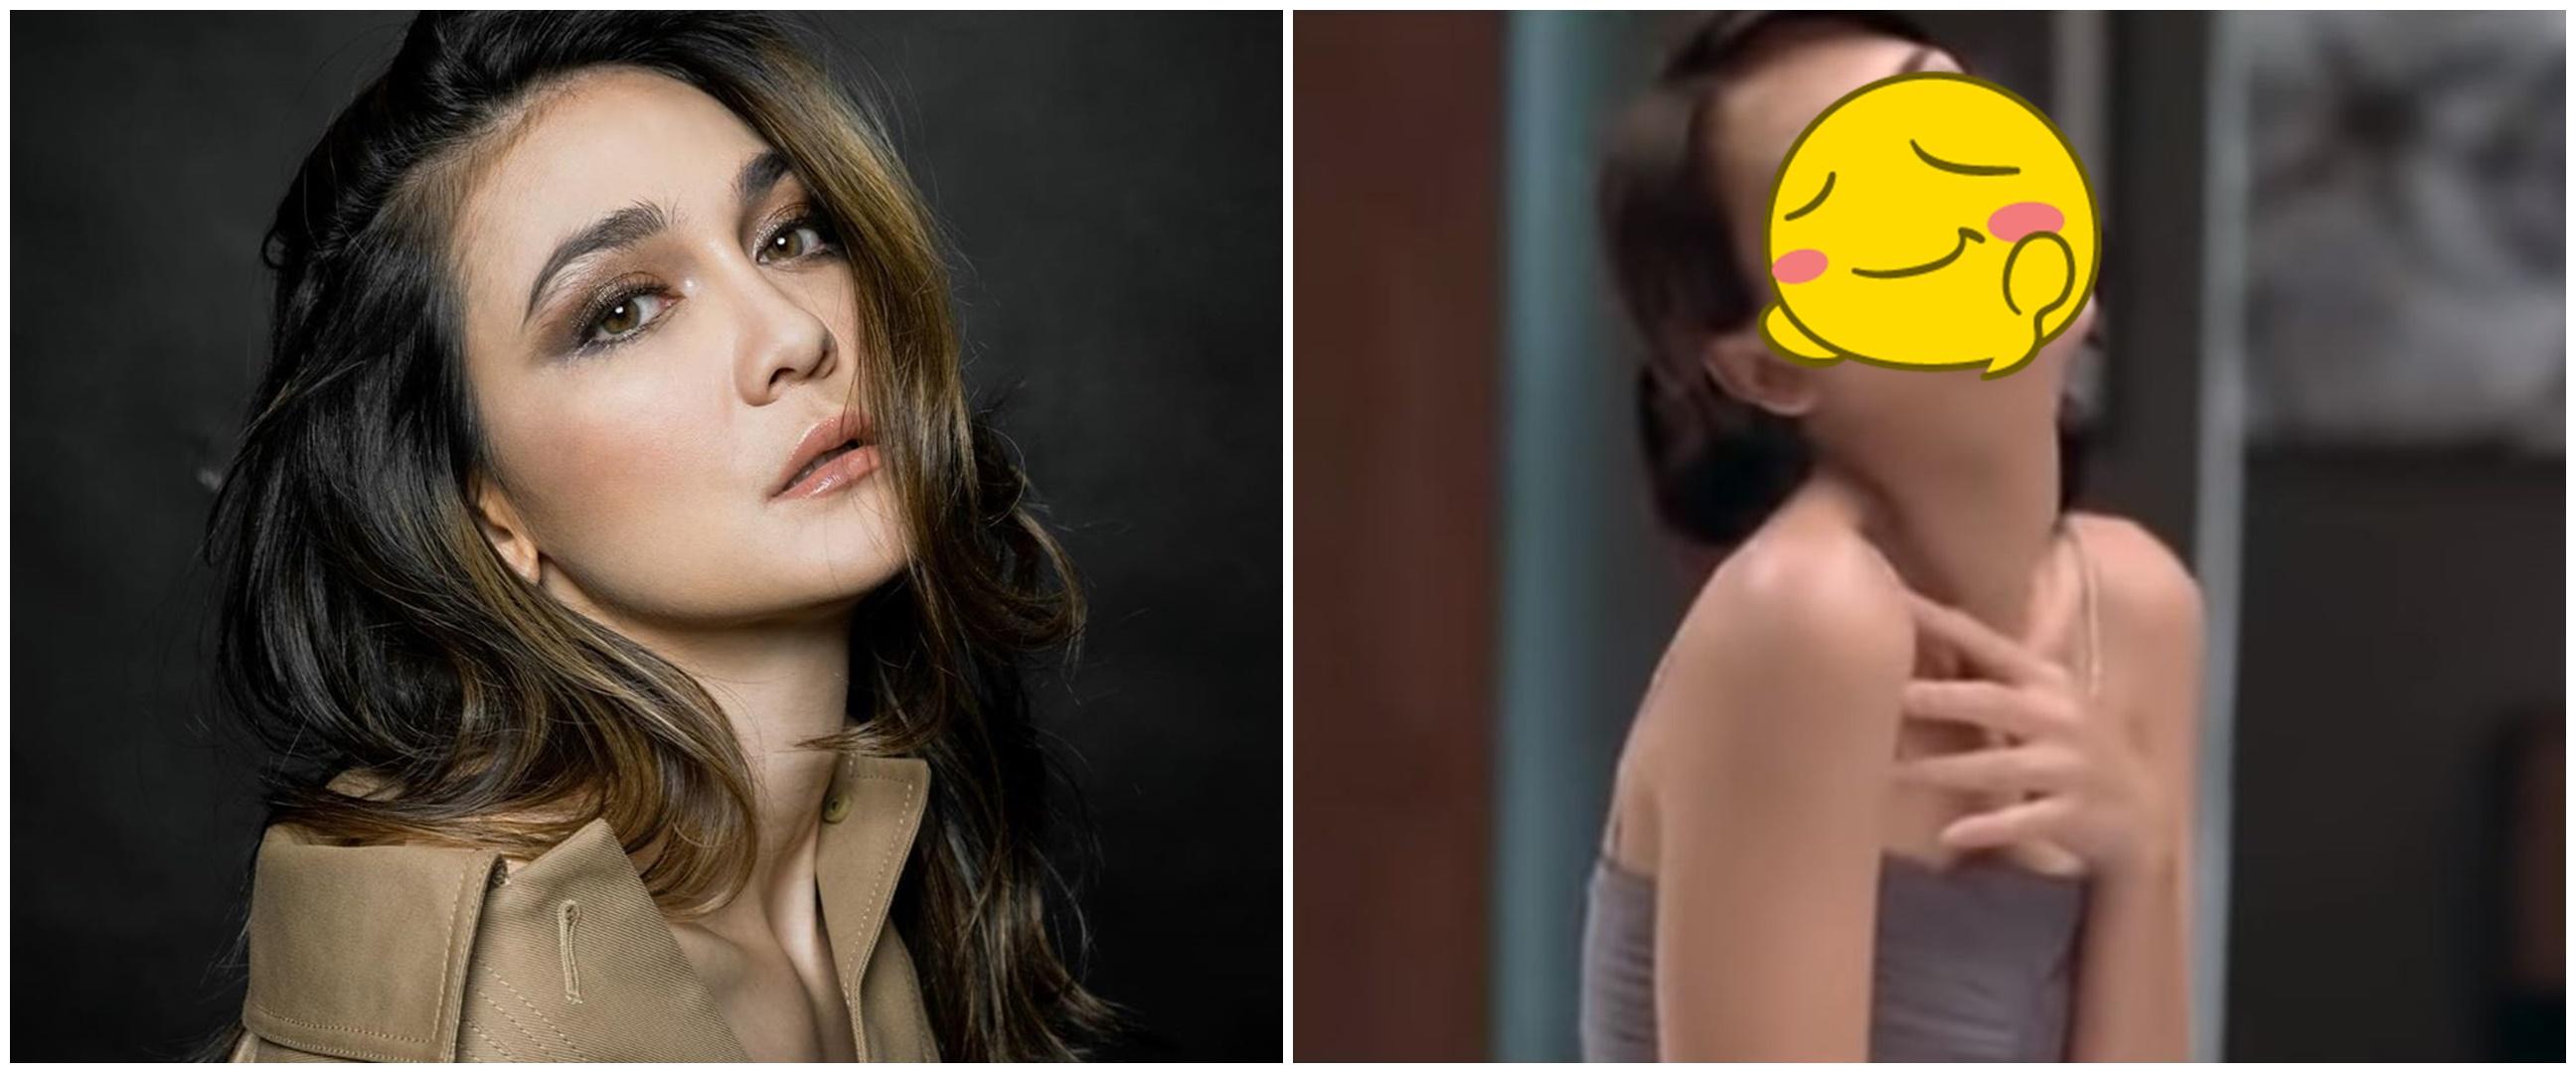 10 Pesona Luna Maya bintangi iklan jadul, ikonik pada masanya